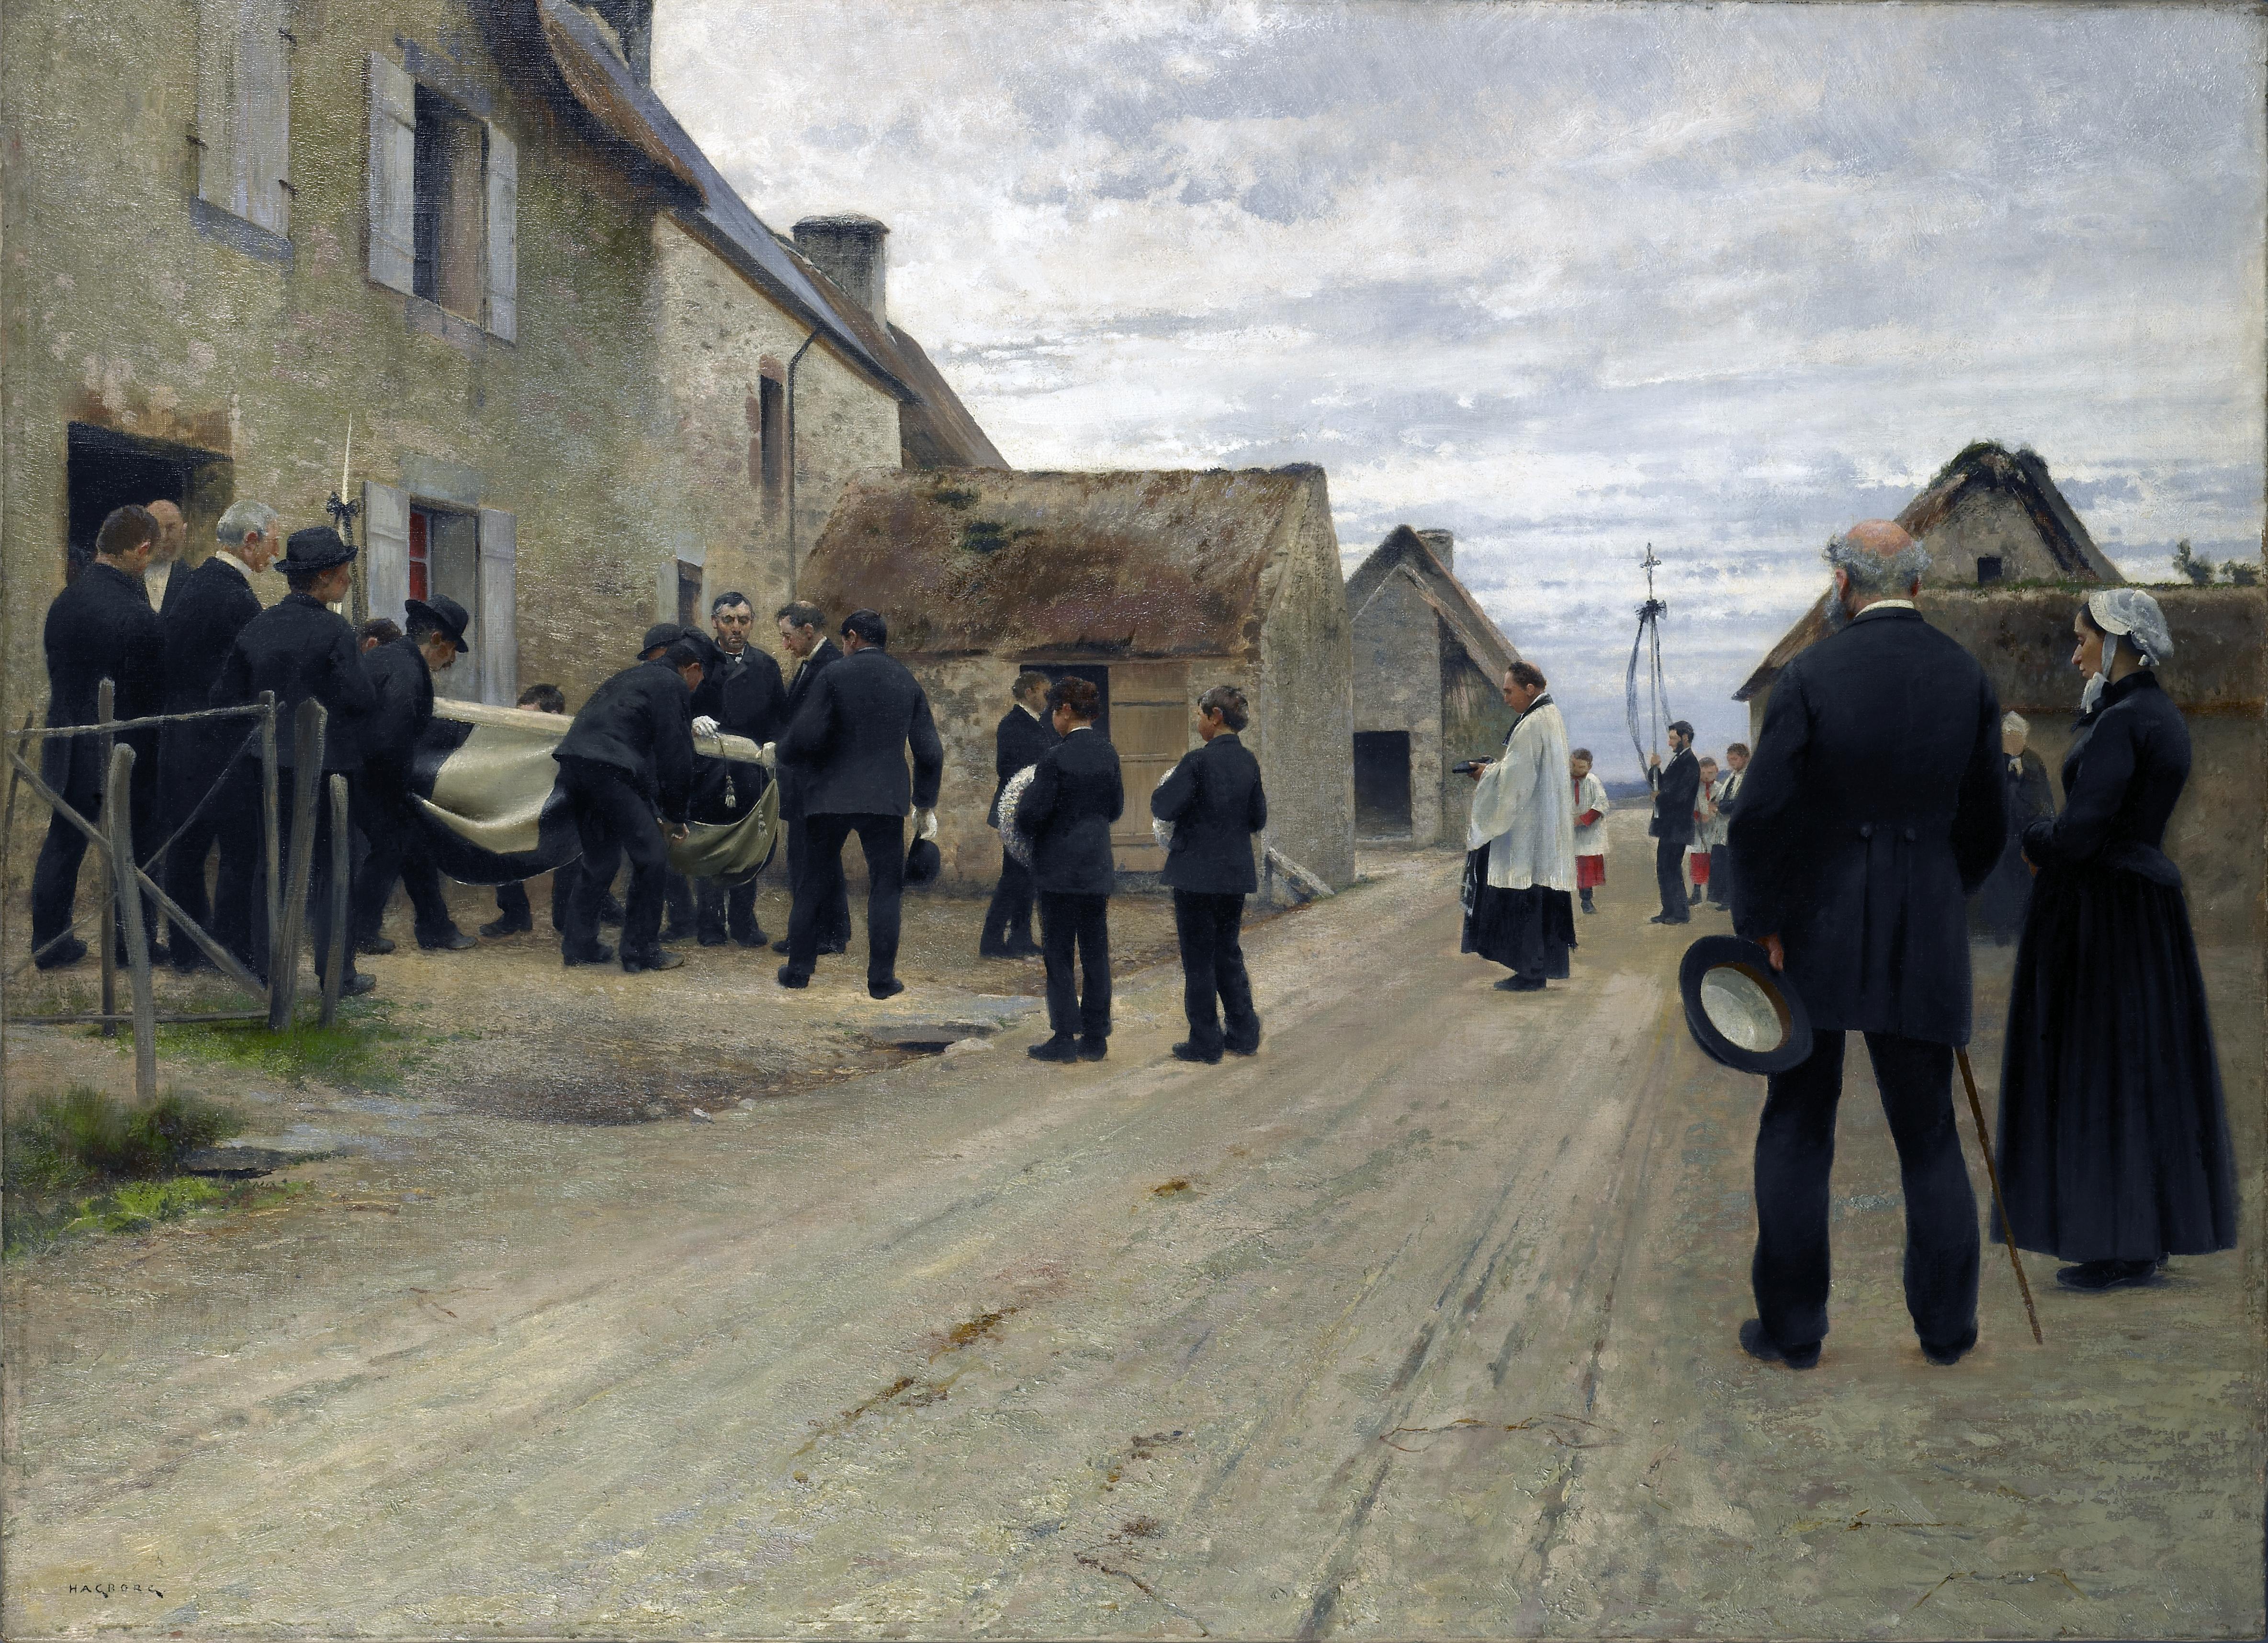 Enterrement d'un marin dans un village de la Manche, August Hagborg